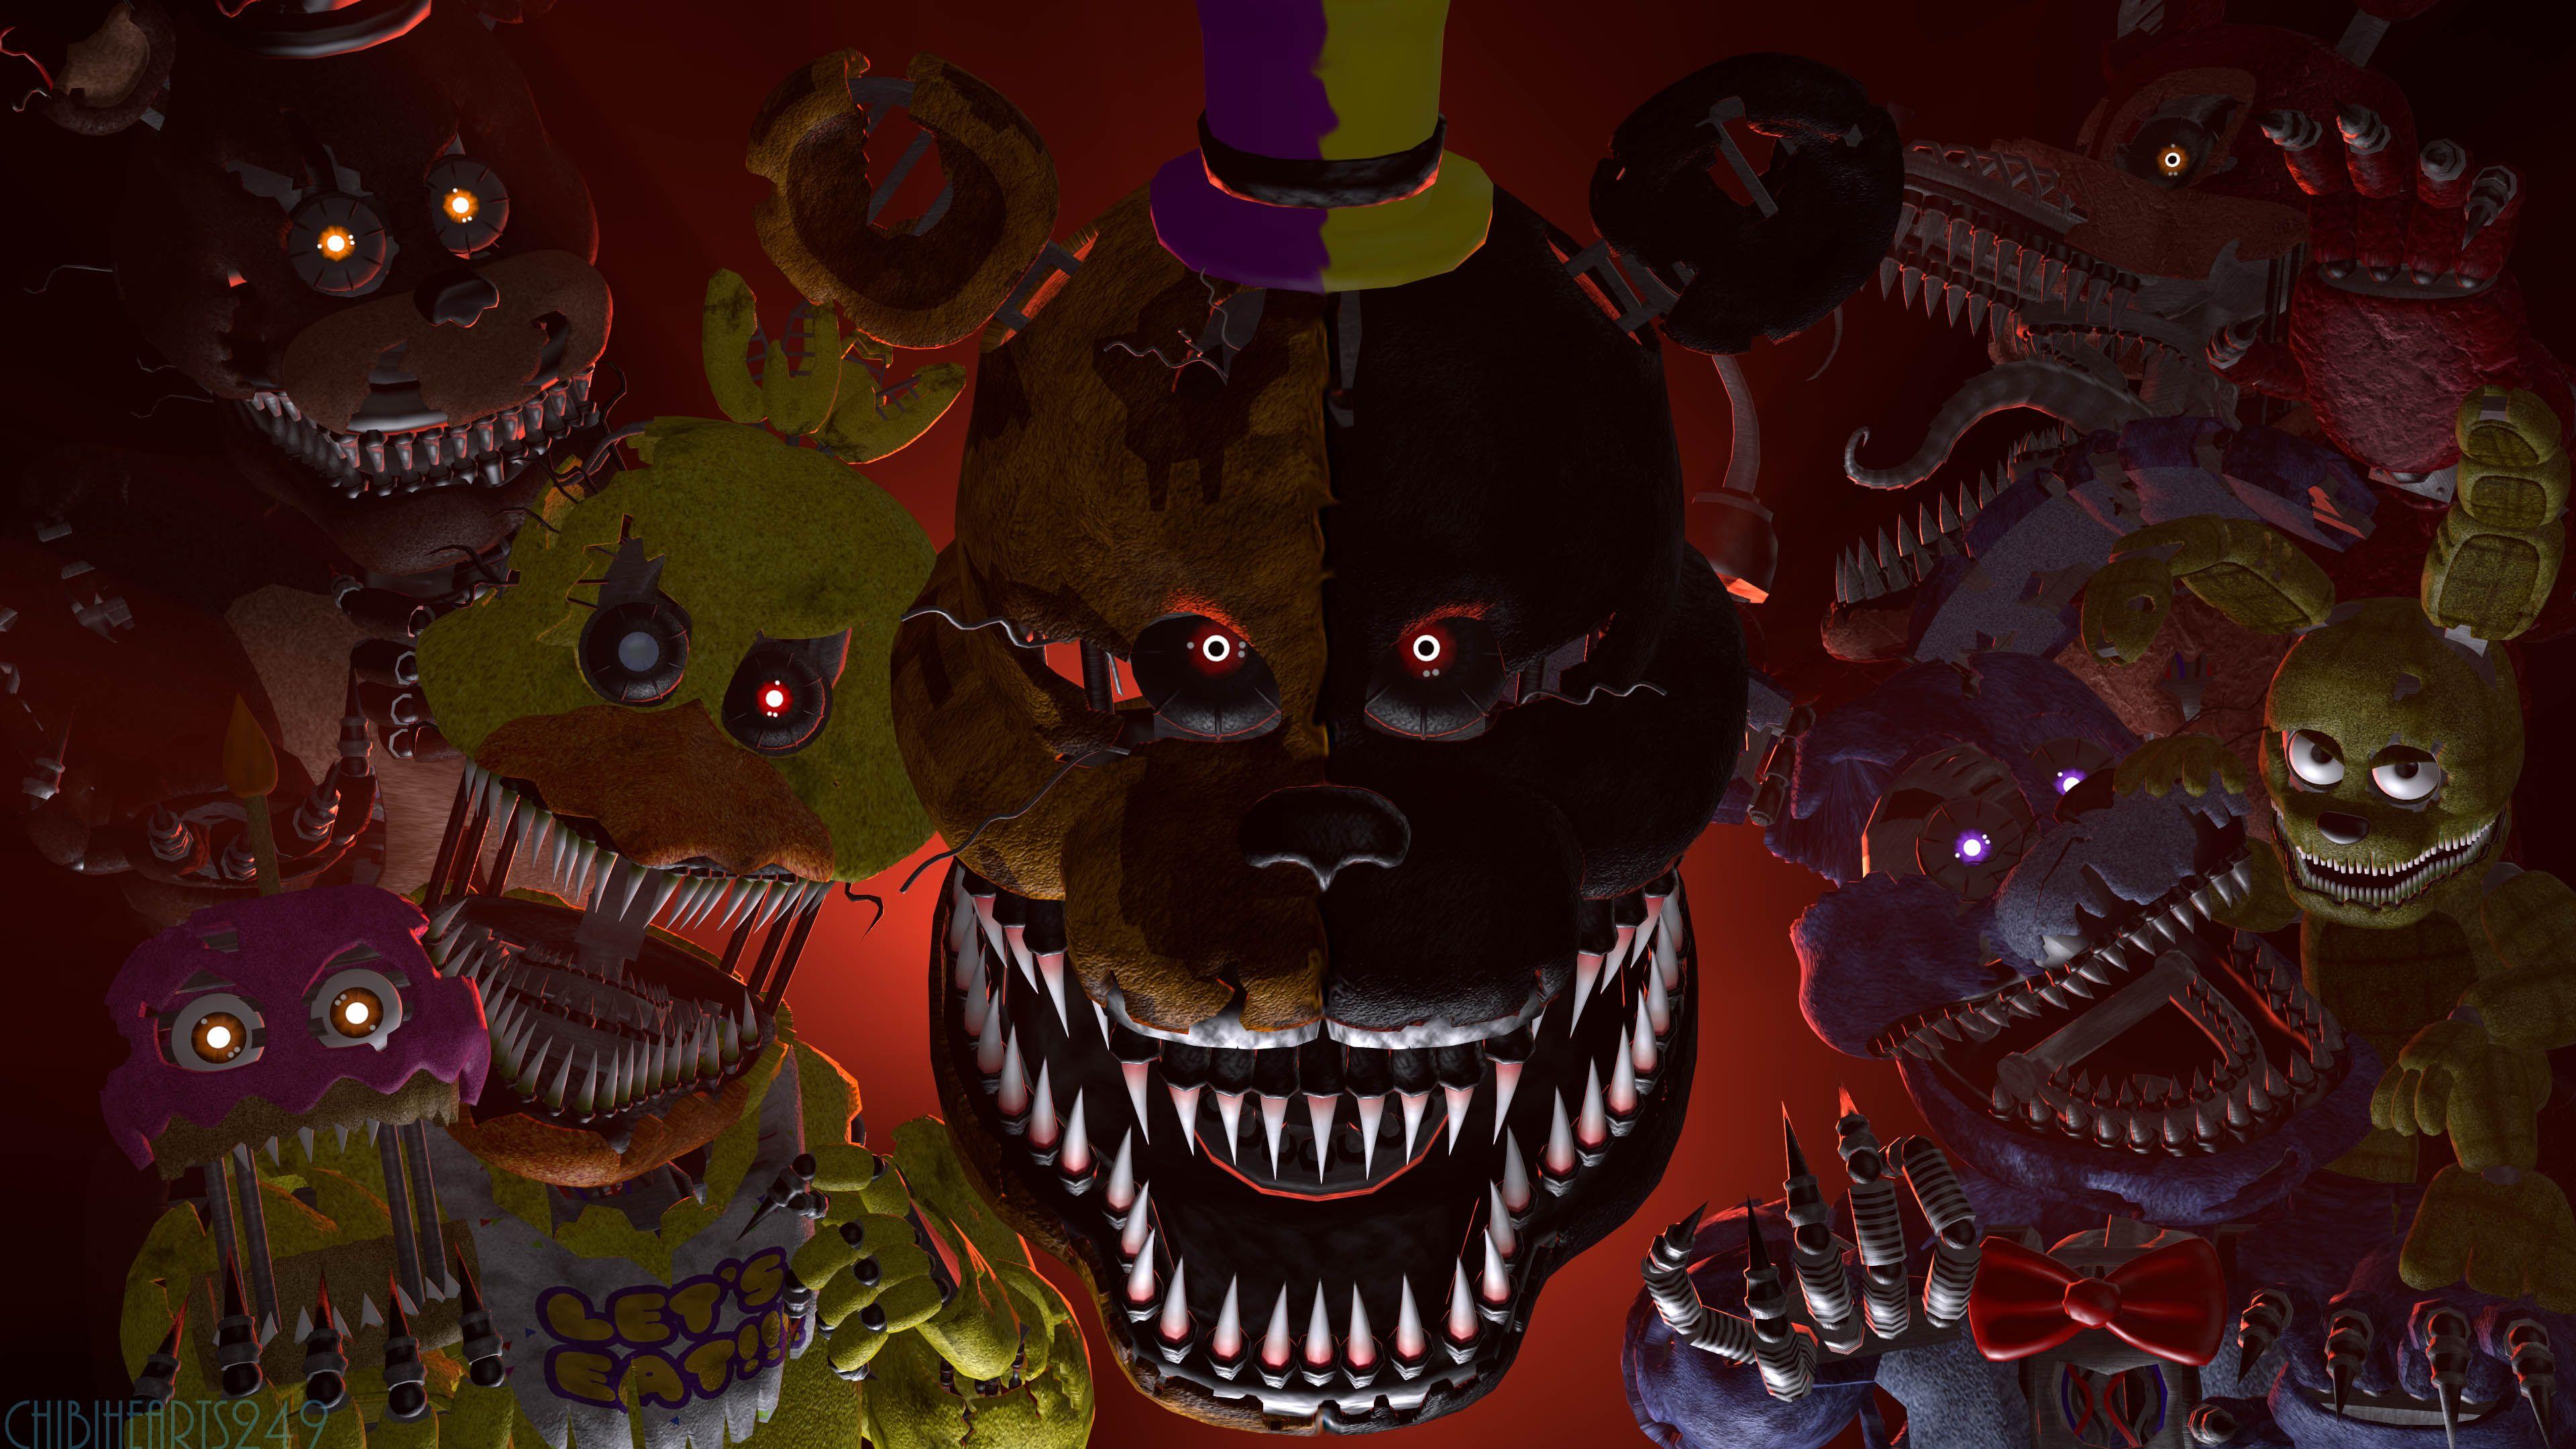 fnaf spoopy sfm poster Fnaf wallpapers, Fnaf, Scary